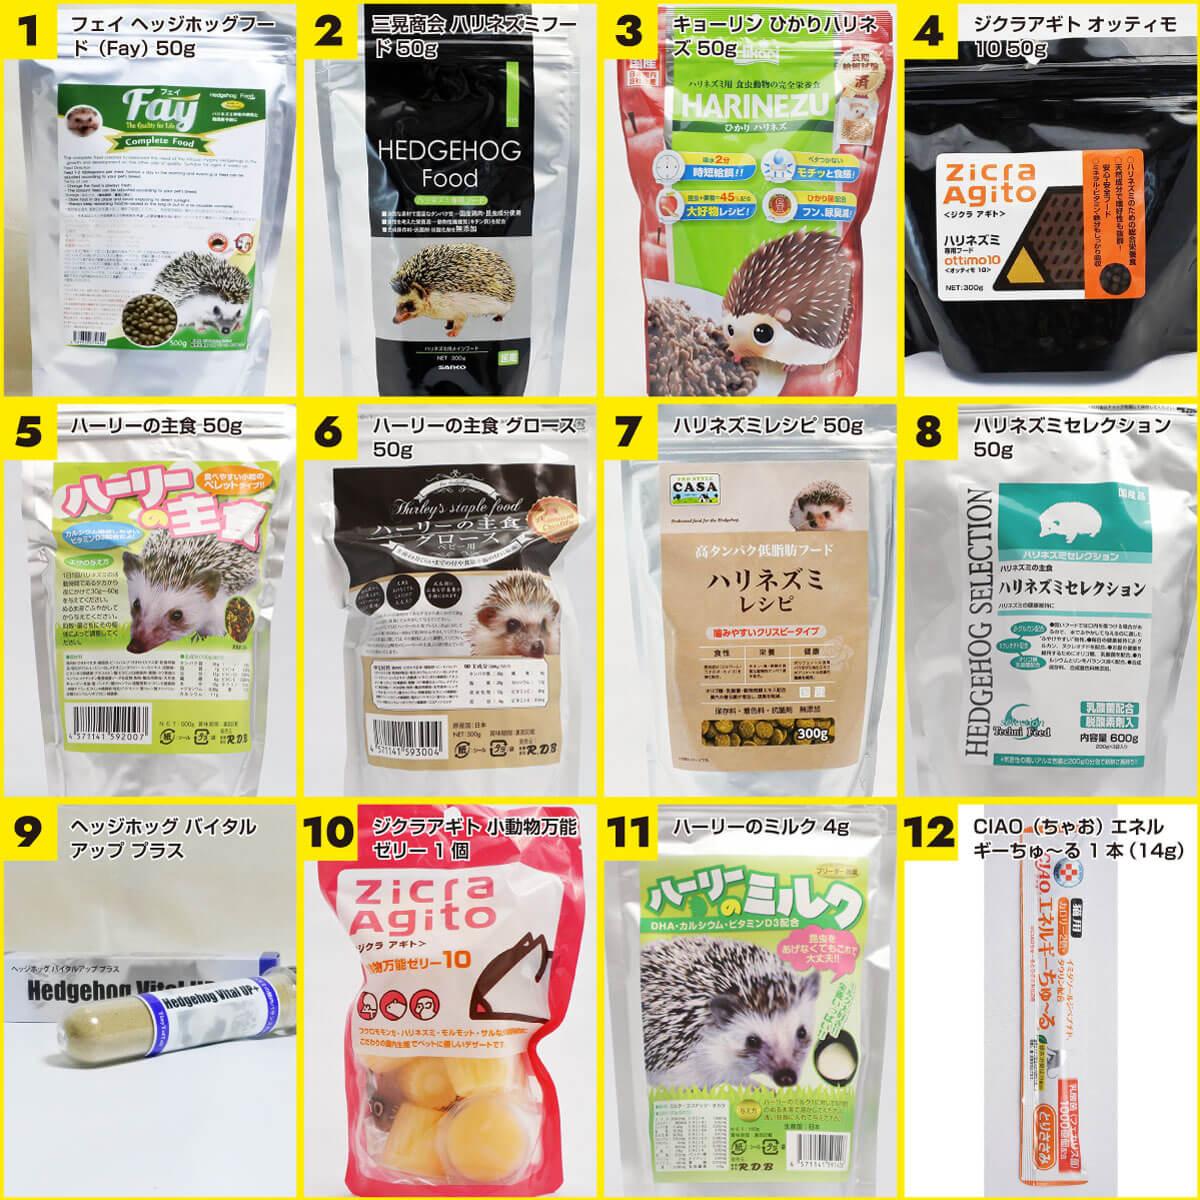 【12種類から5つ選ぶ】ハリネズミフード&補助食品 お試しセット